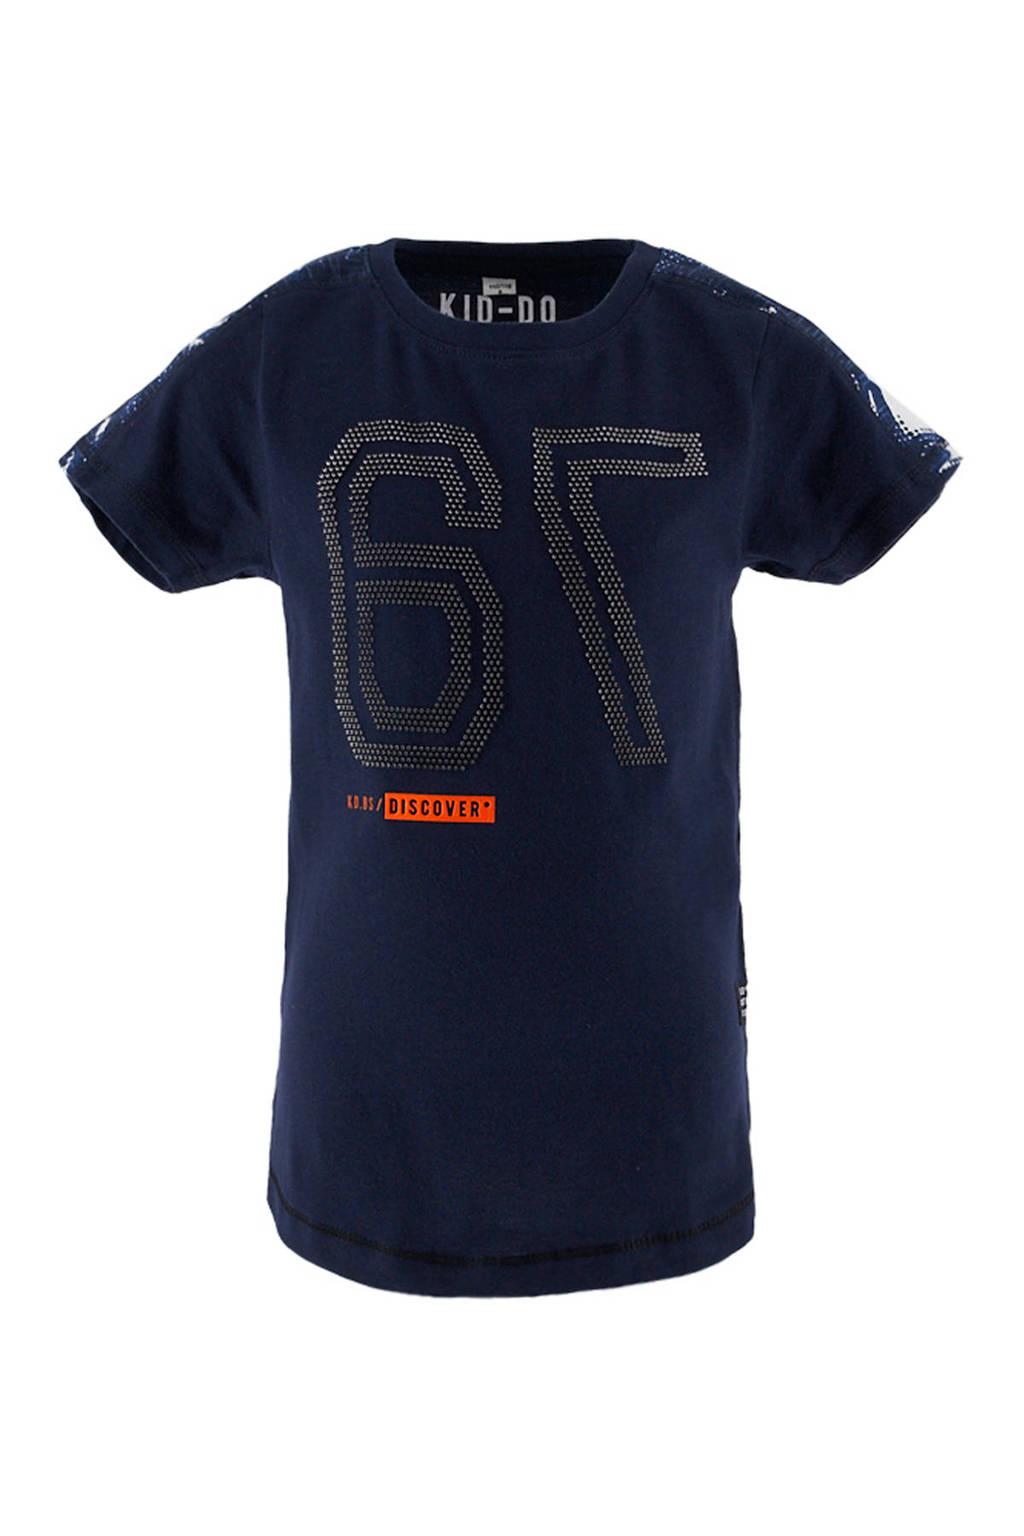 KIDDO T-shirt met printopdruk marine, Marine